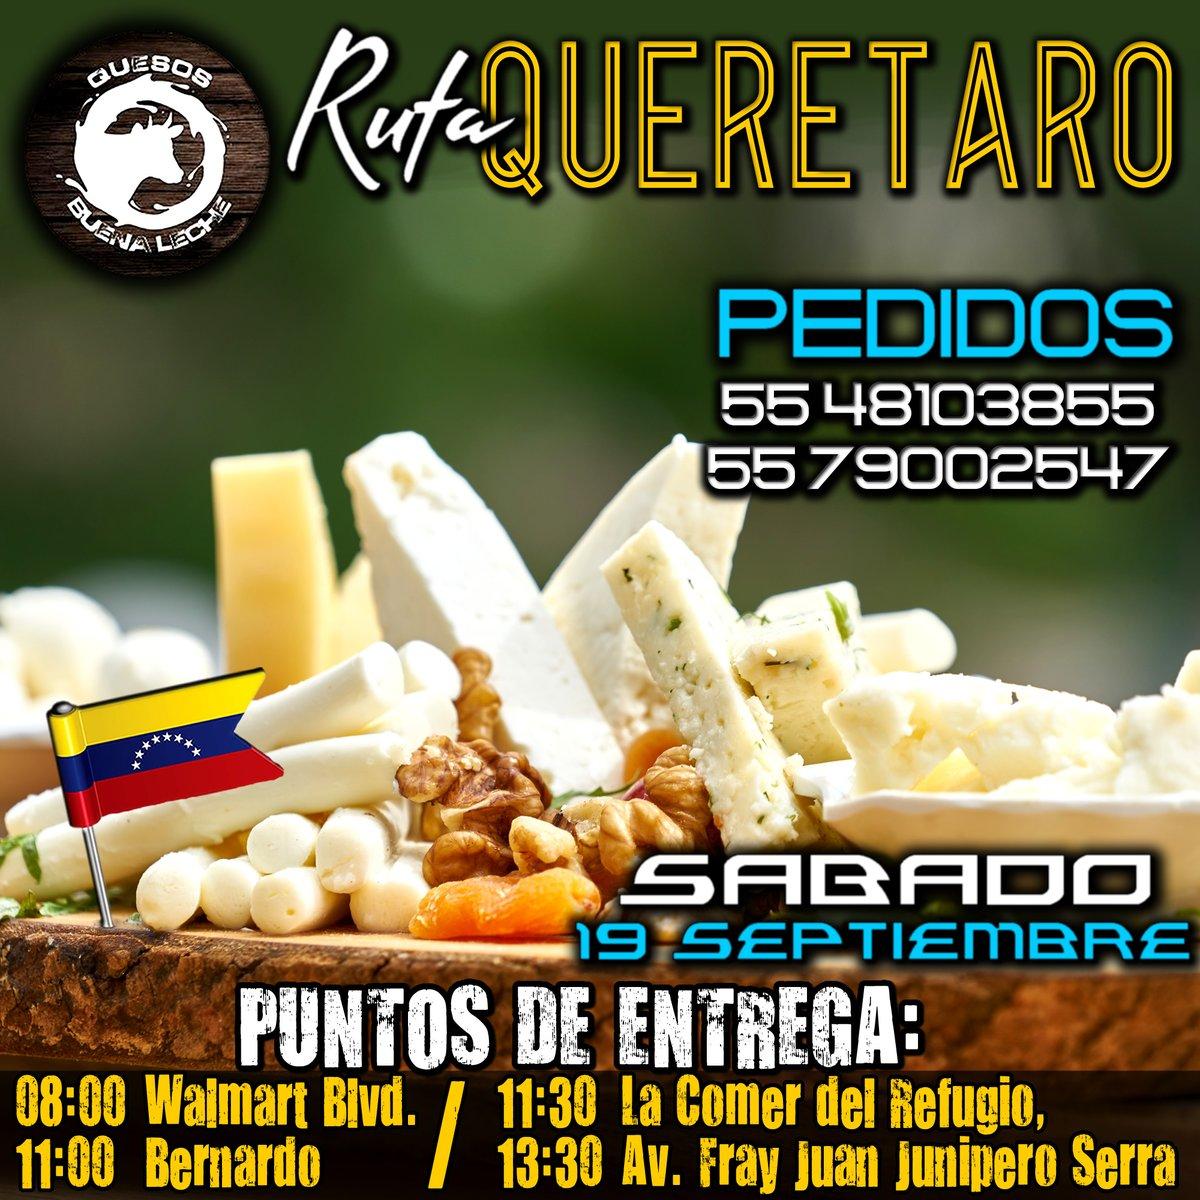 #venezolanosenmexico #Queretaro Ya tenemos todo preparado. Nos vemos éste Sábado. Recibiendo Pedidos. @quesobuenaleche El Verdadero y Auténtico Sabor del #queso #Venezolano en #Mexico #Venezolanos #QuedateEnTuCasa https://t.co/zxOojQZgdY